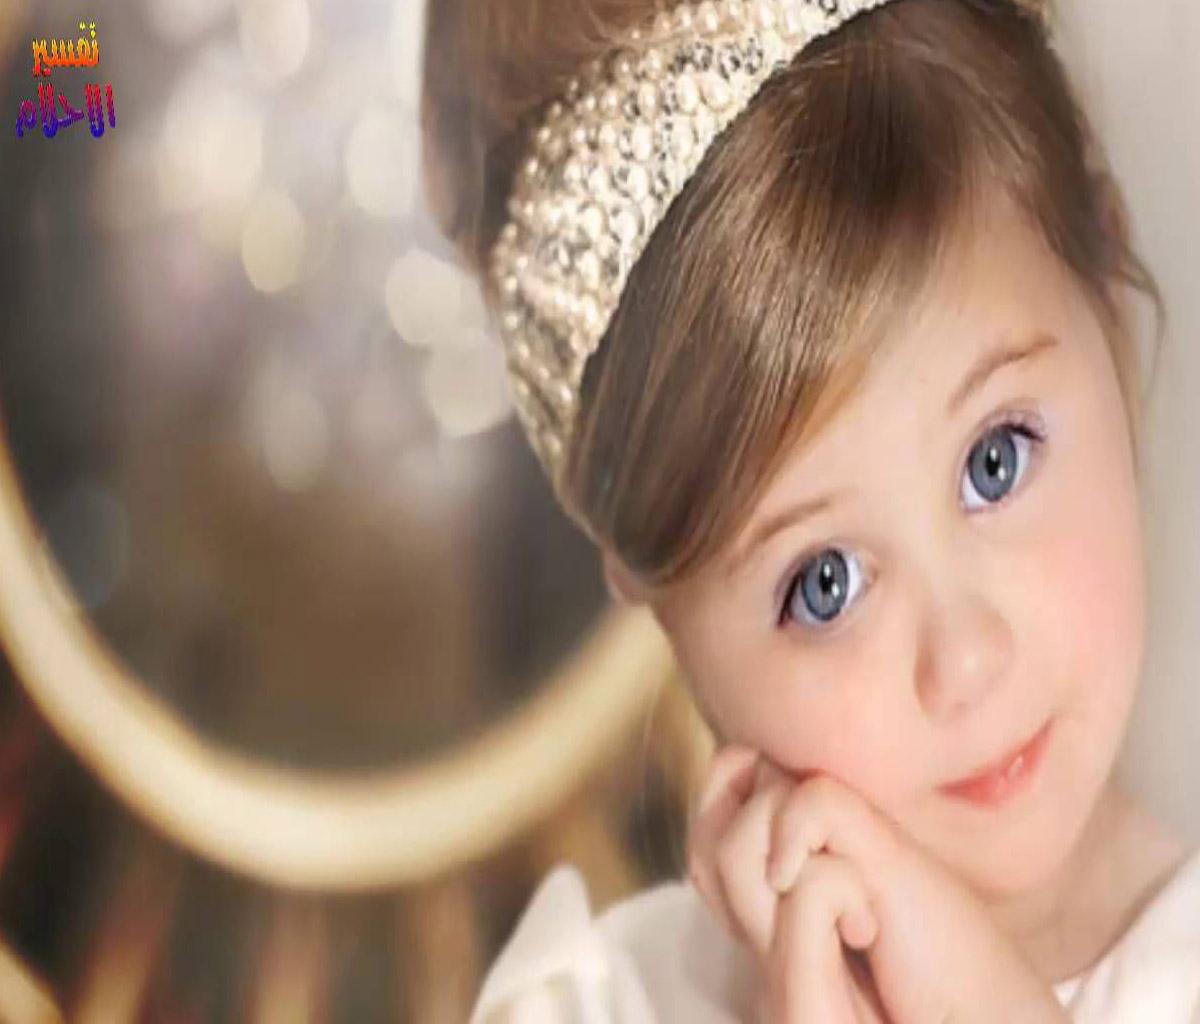 تفسير رؤيه البنت الصغيره في المنام لابن سيرين